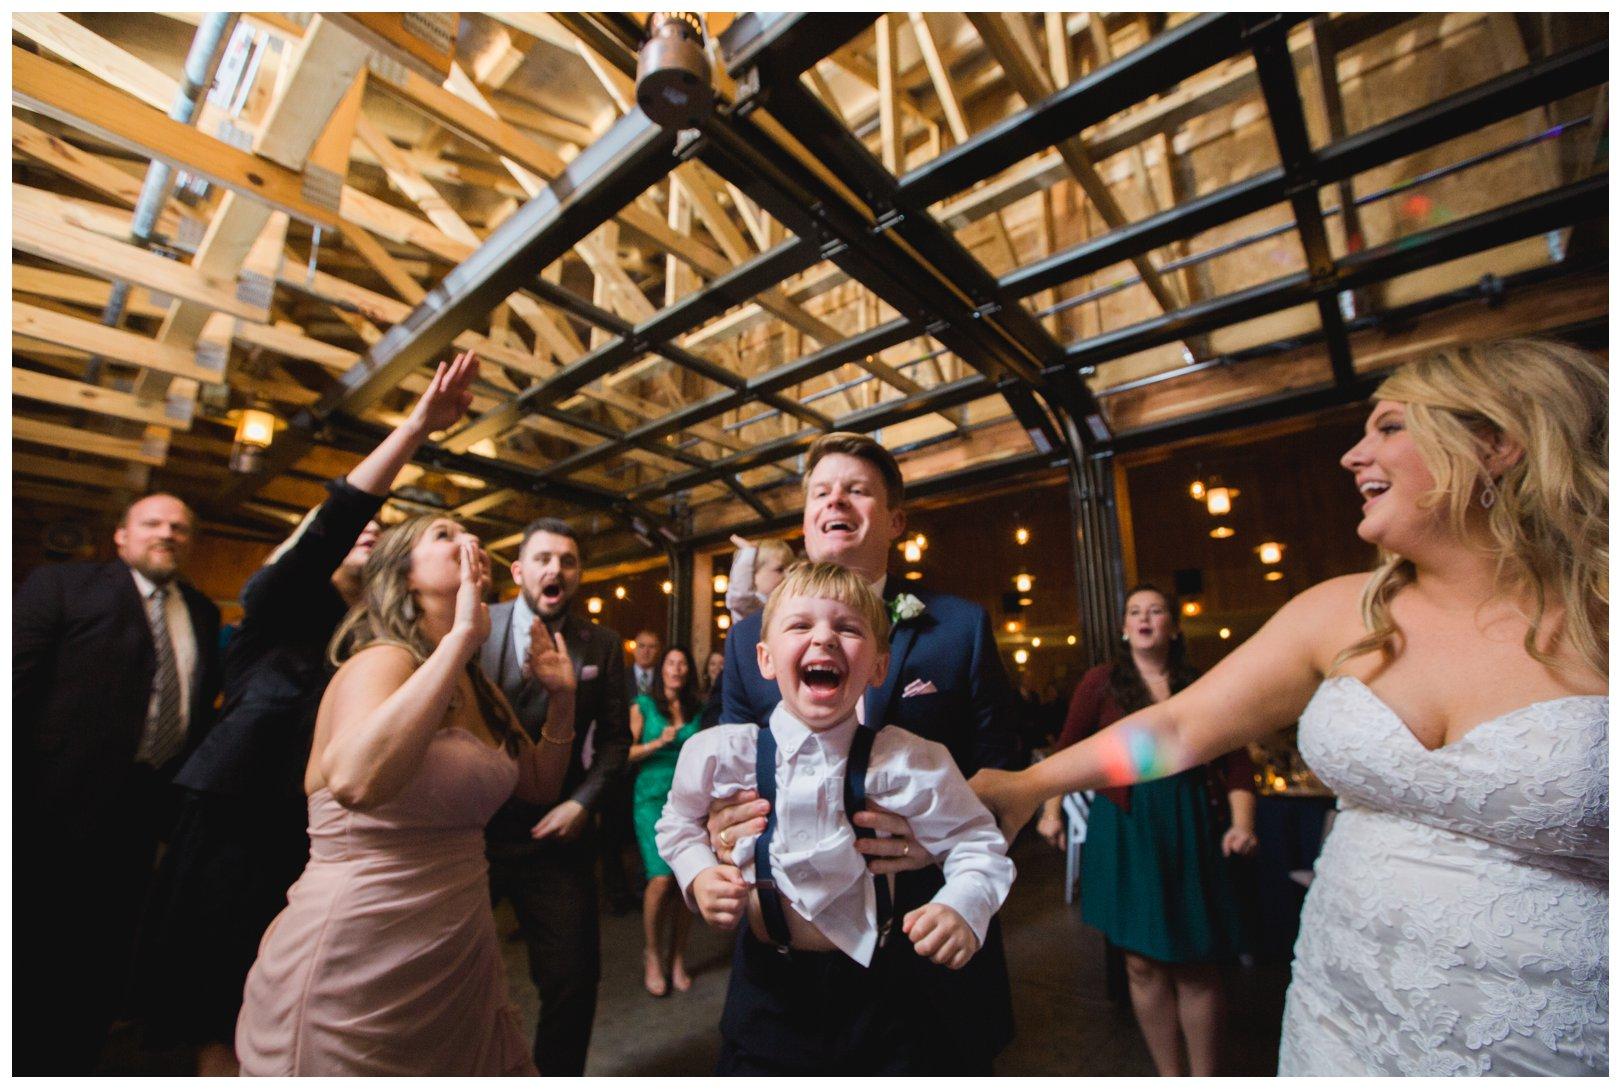 lauren muckler photography_fine art film wedding photography_st louis_photography_1003.jpg